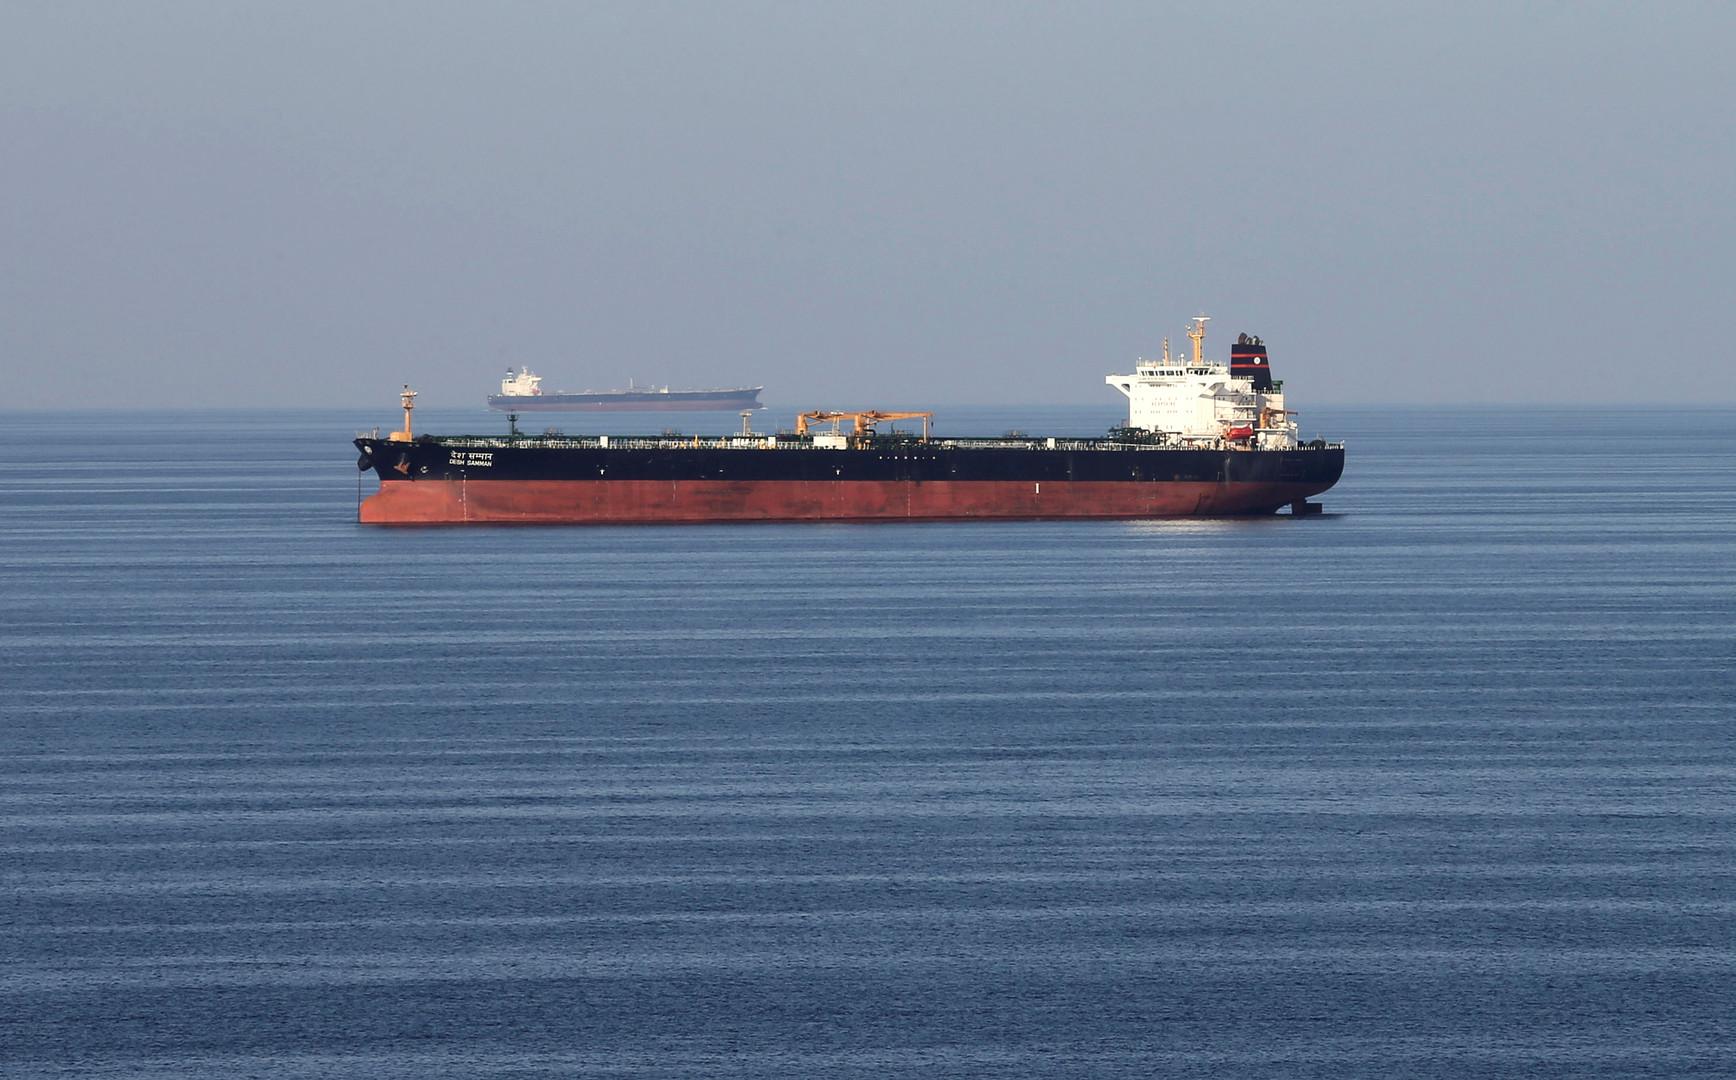 مصادر عمانية تتحدث عن انفجارين كبيرين استهدفا ناقلتي نفط في بحر عمان